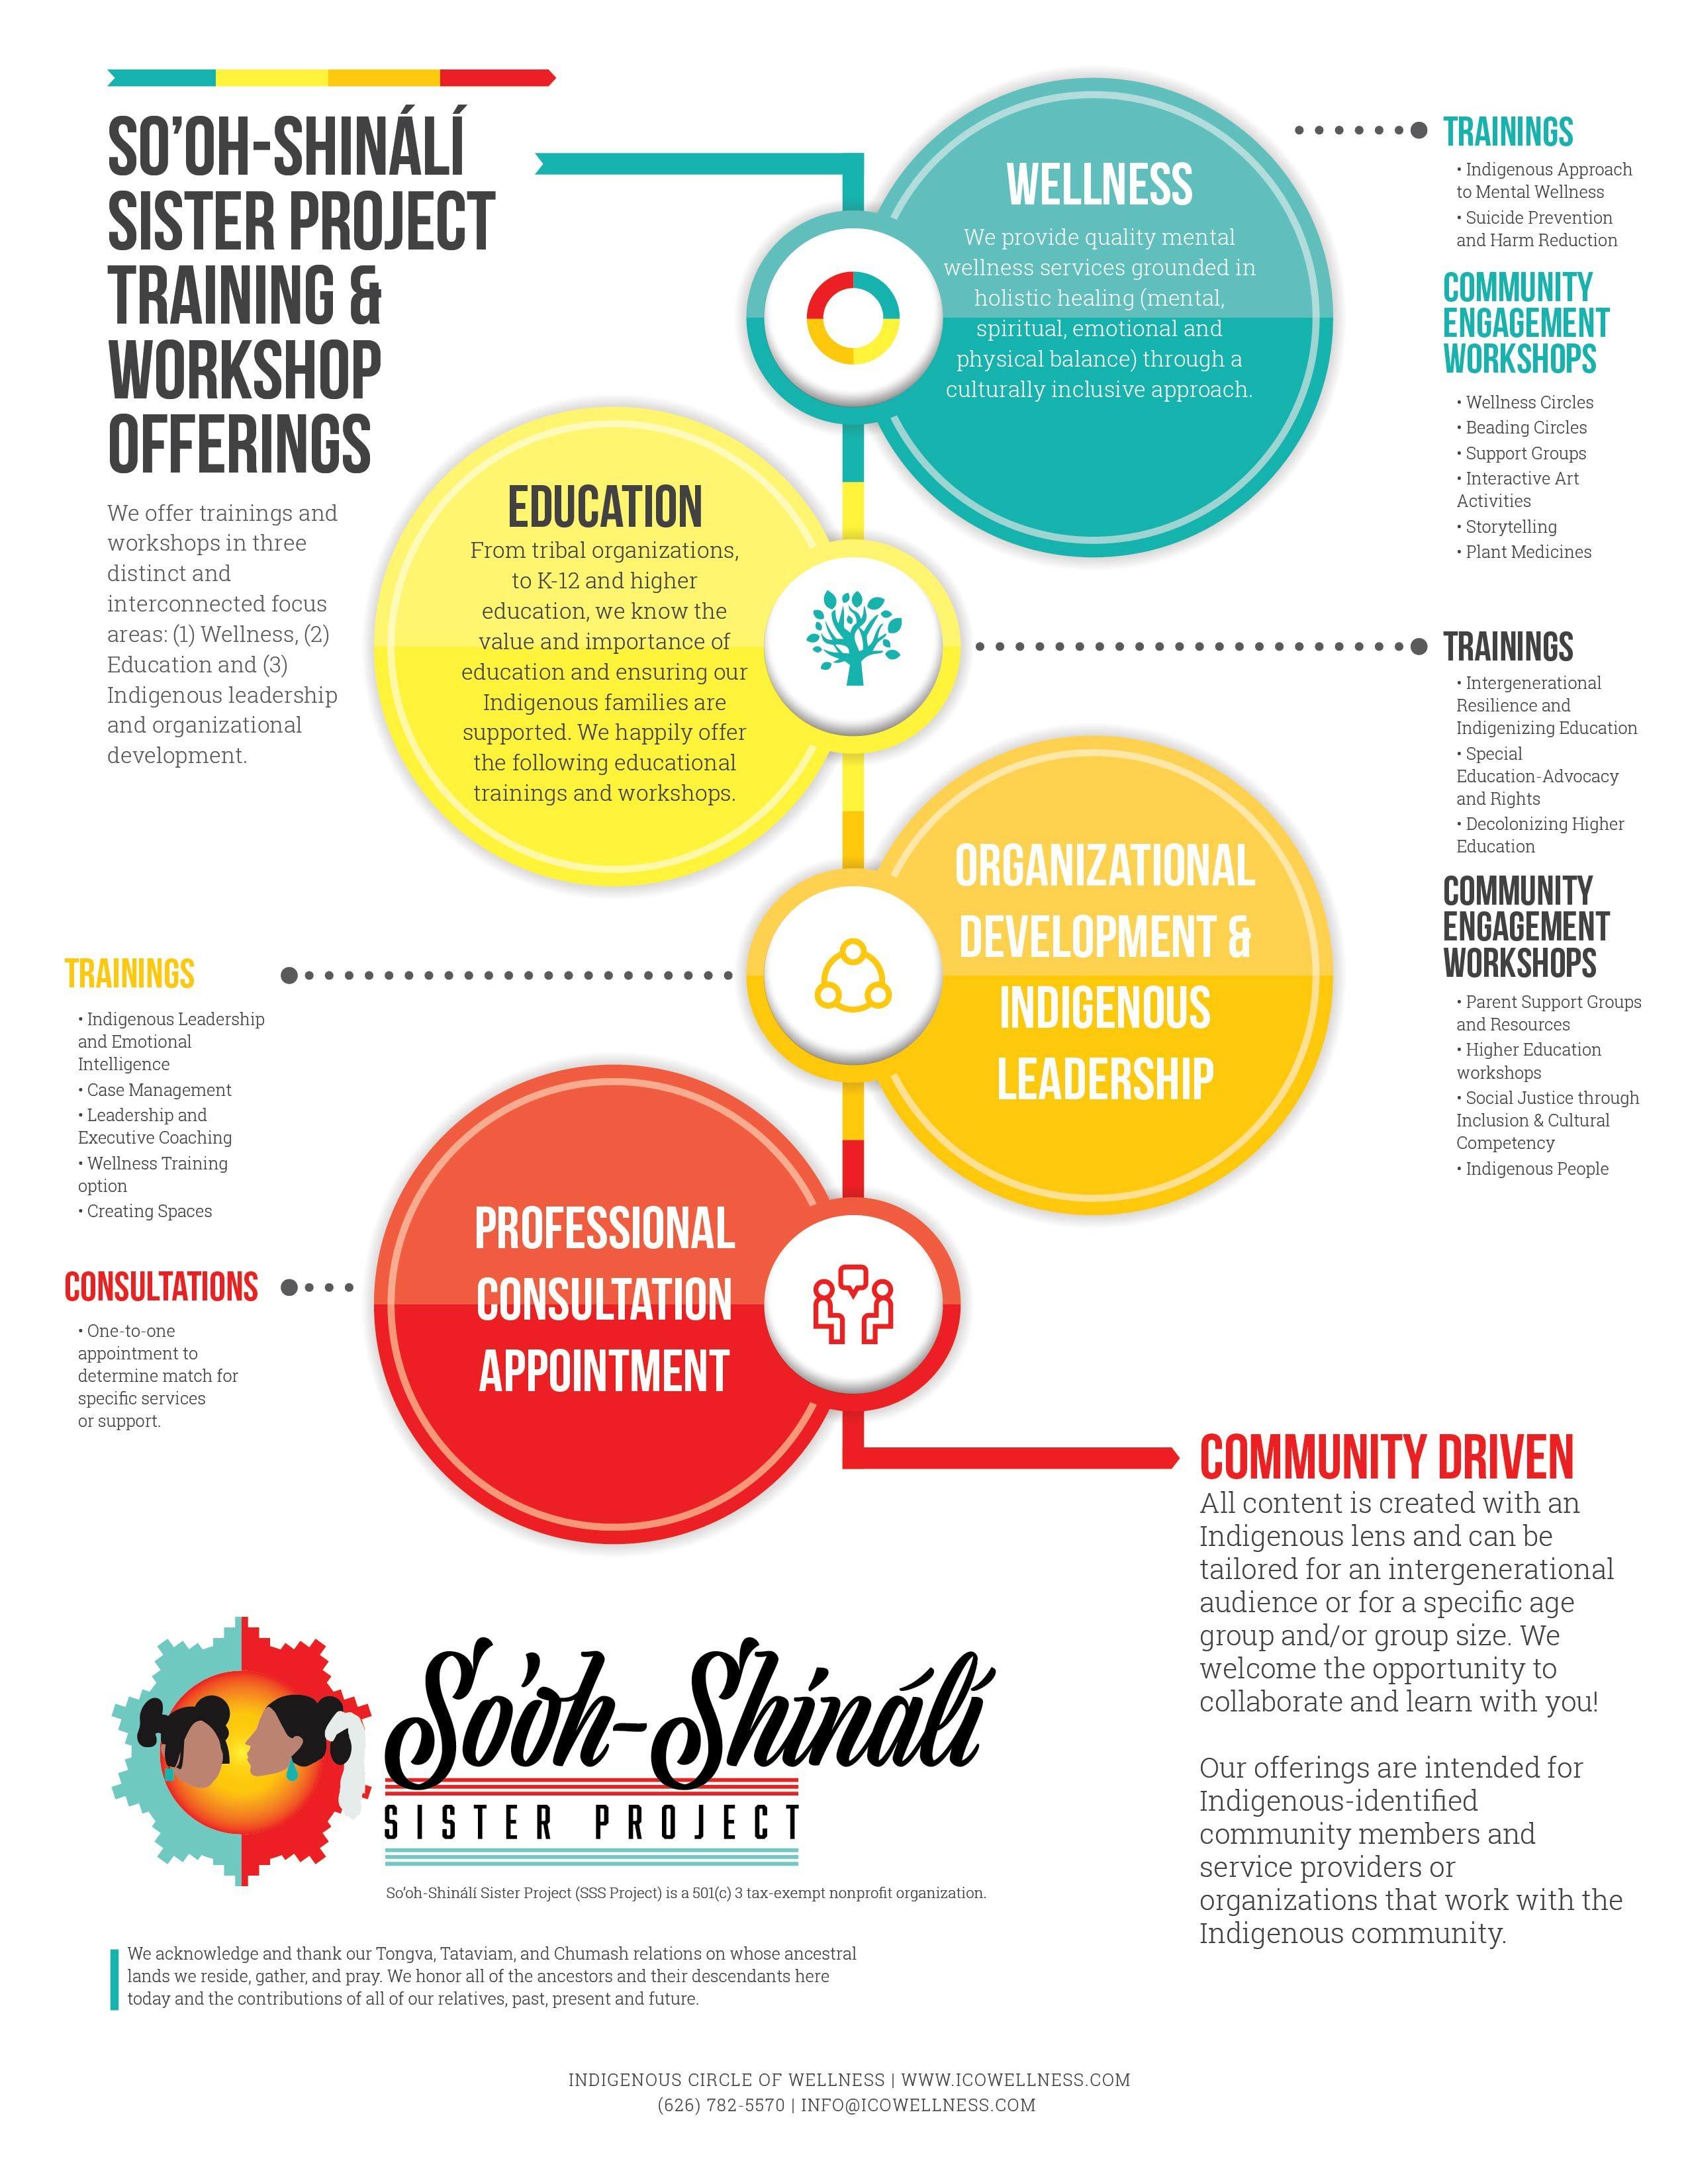 https://icowellness.com/wp-content/uploads/2020/07/SSSP-Training-Guide-new-cov-01-2550x3300.jpg